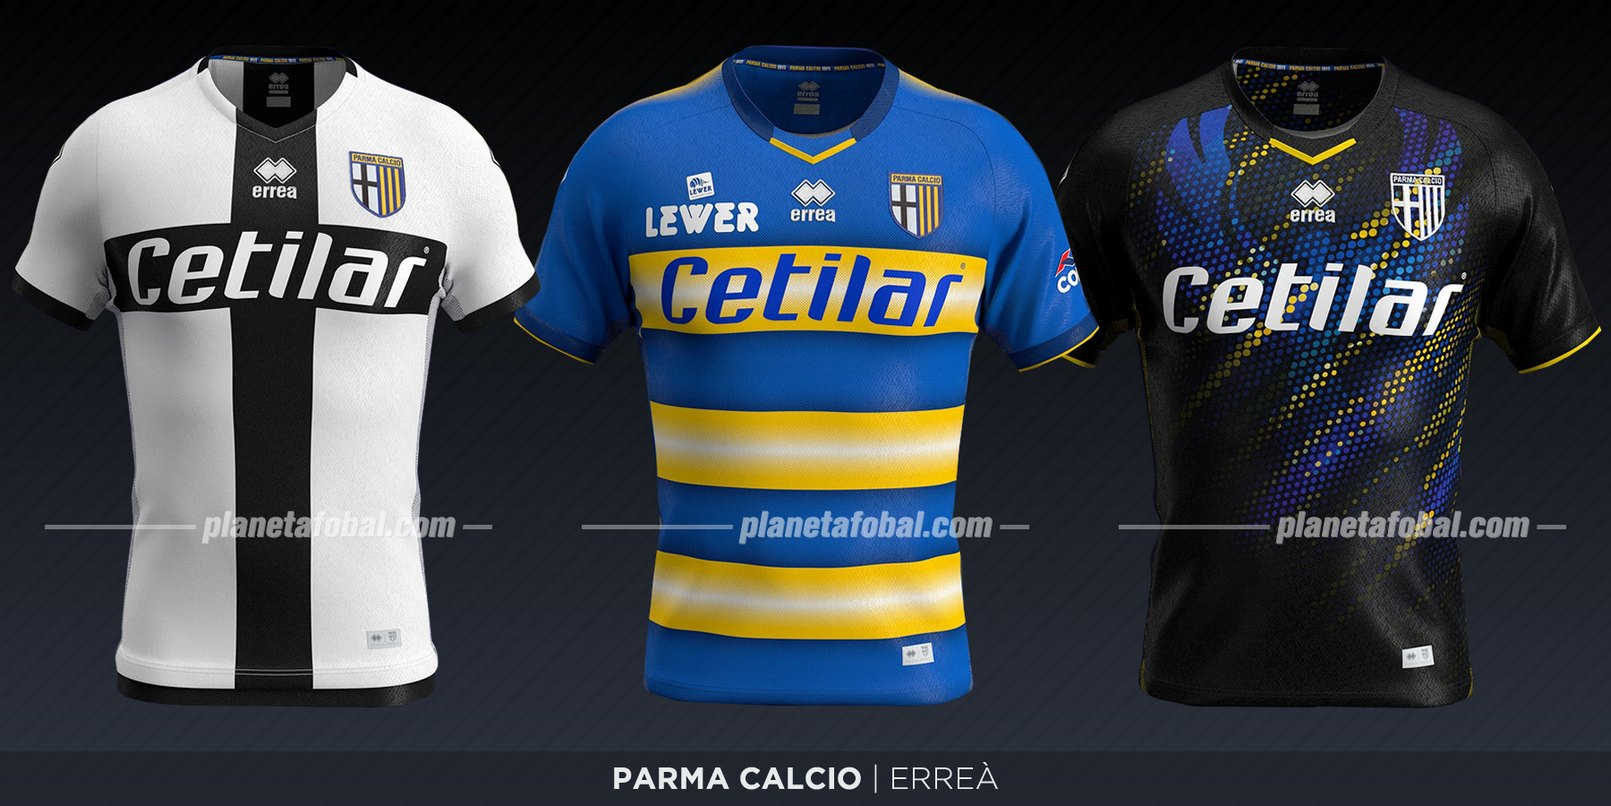 Parma Calcio (Erreà) | Camisetas de la Serie A 2019-2020